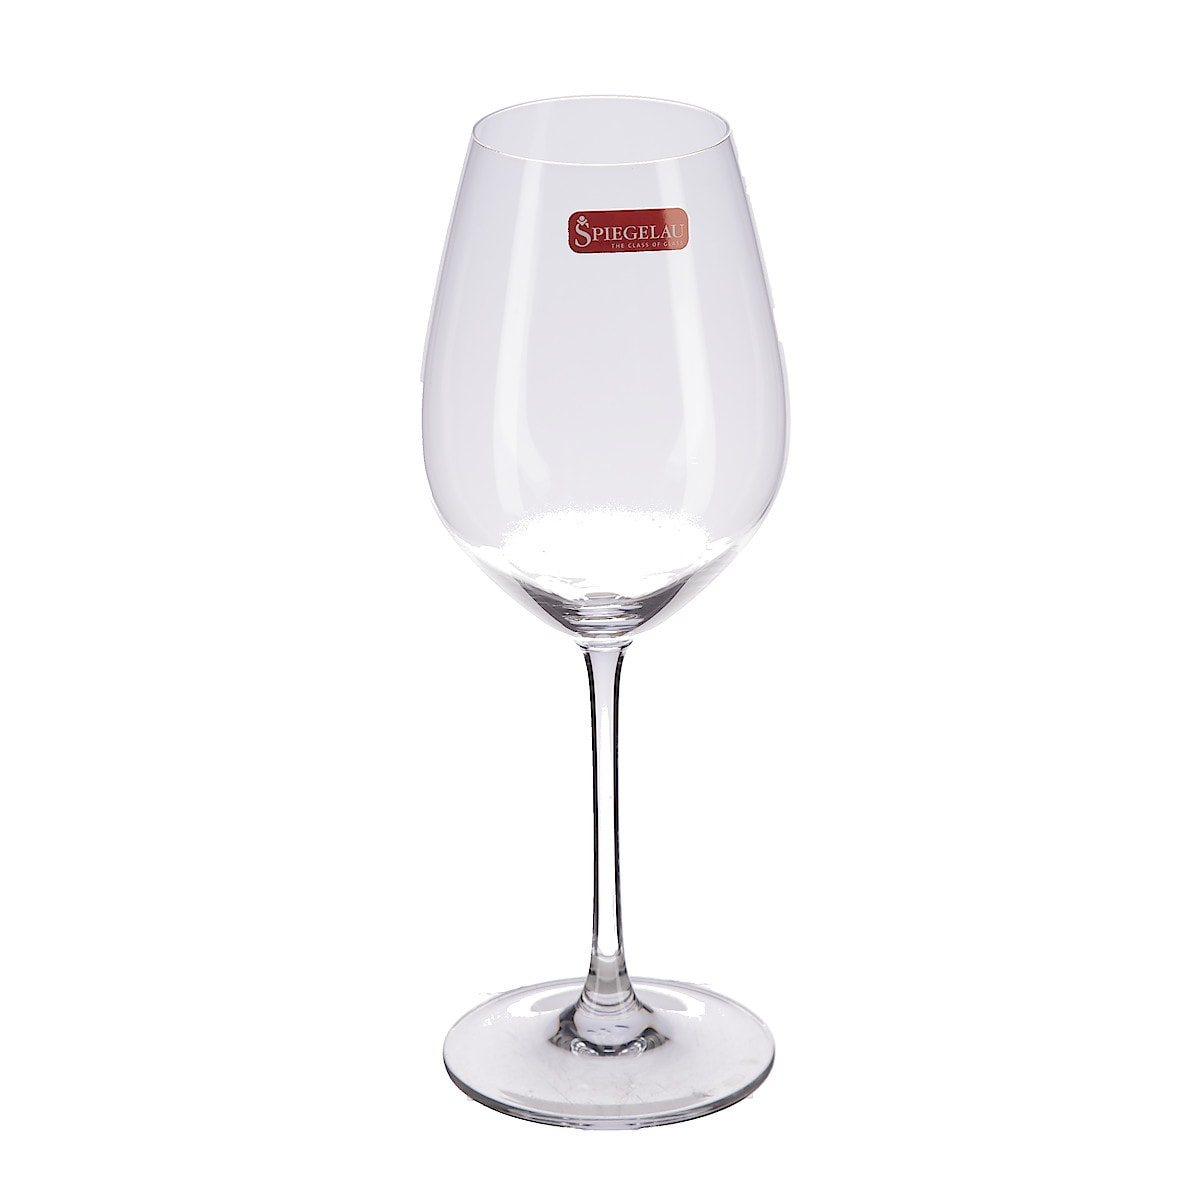 Spiegelau Salute 50 cl Bordeaux Wine Glasses 4-pack